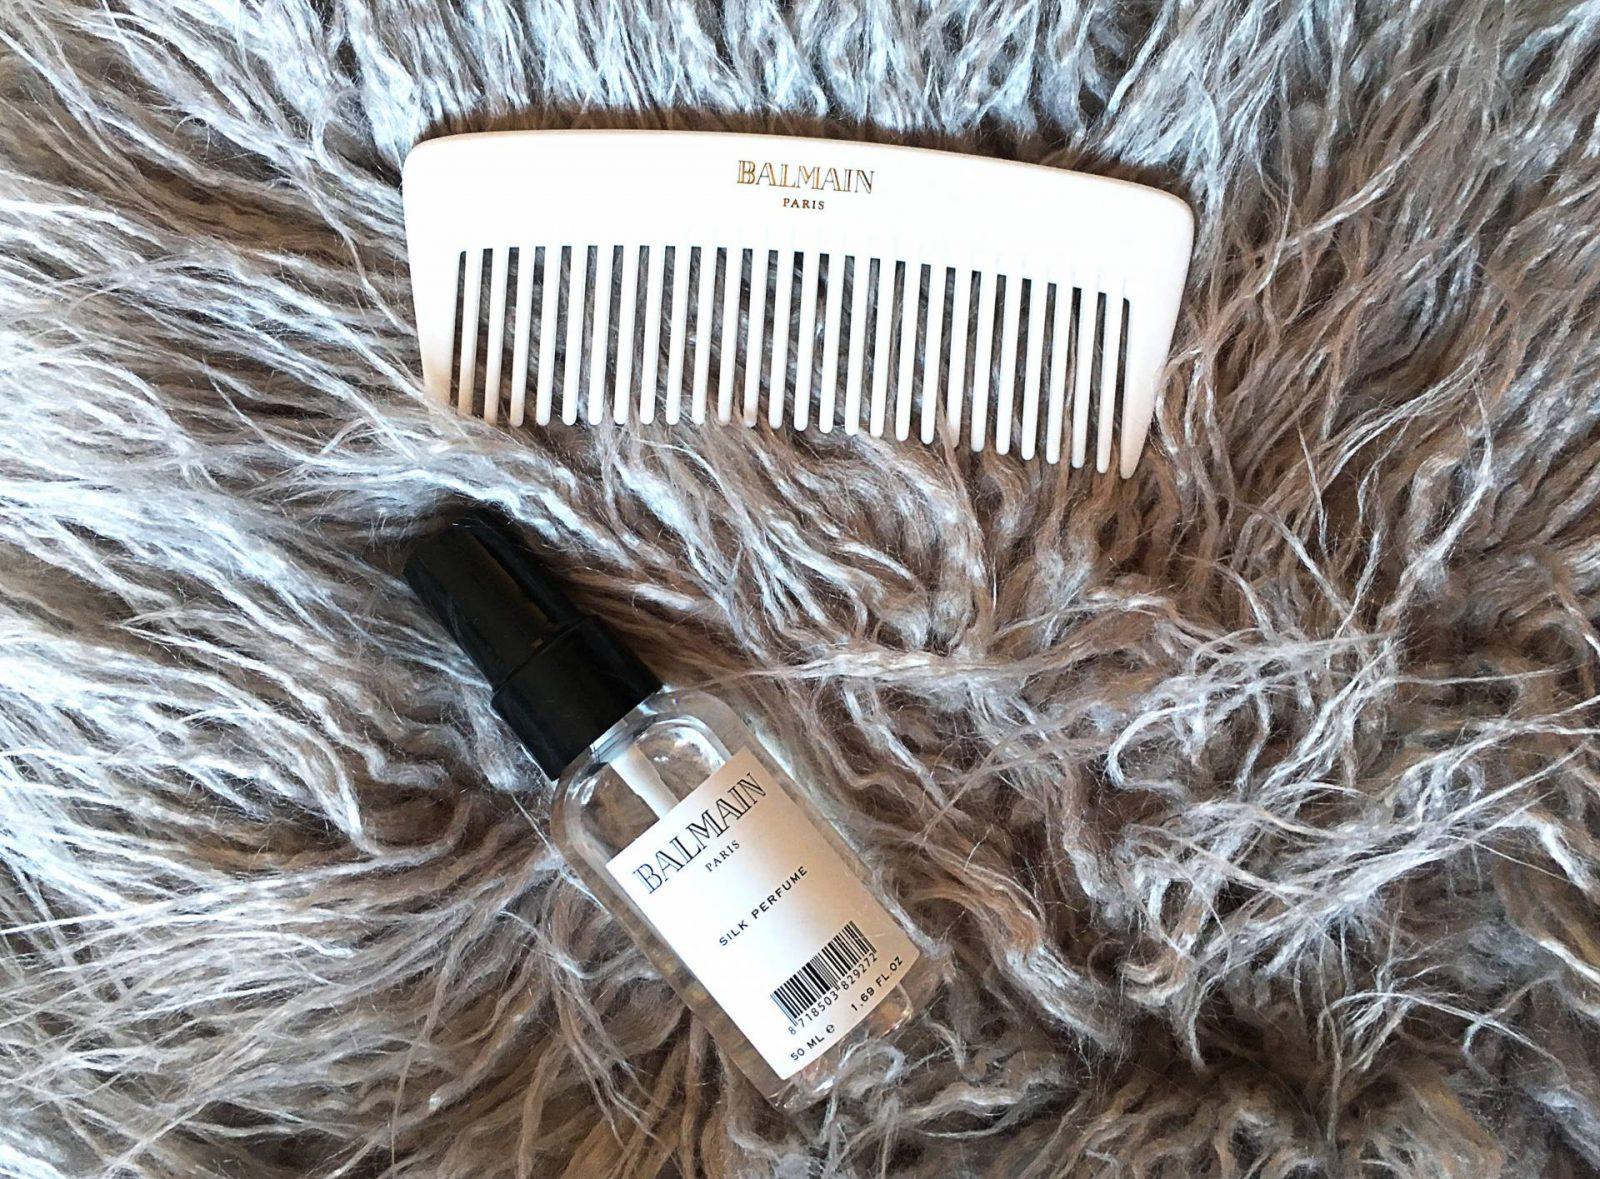 Balmain Hair Silk Perfume